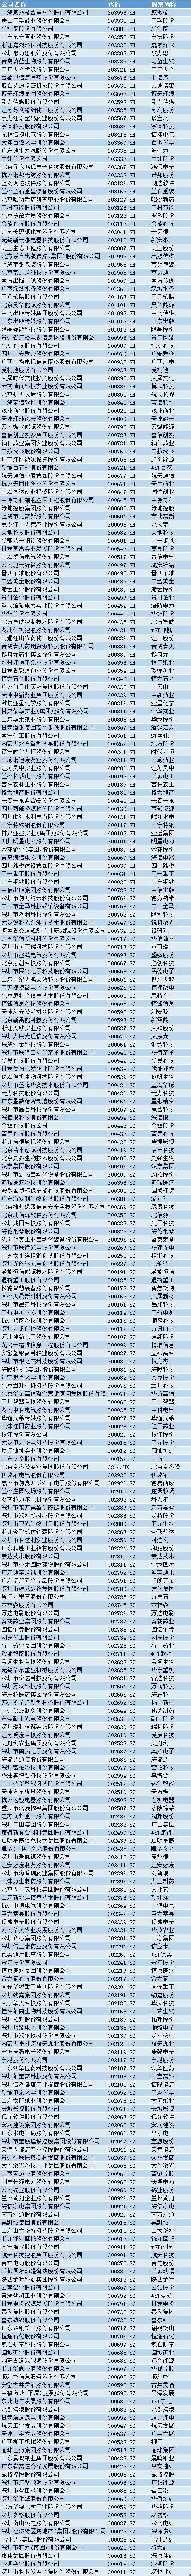 瑞华冲击波:多家上市公司再融资项目被中止